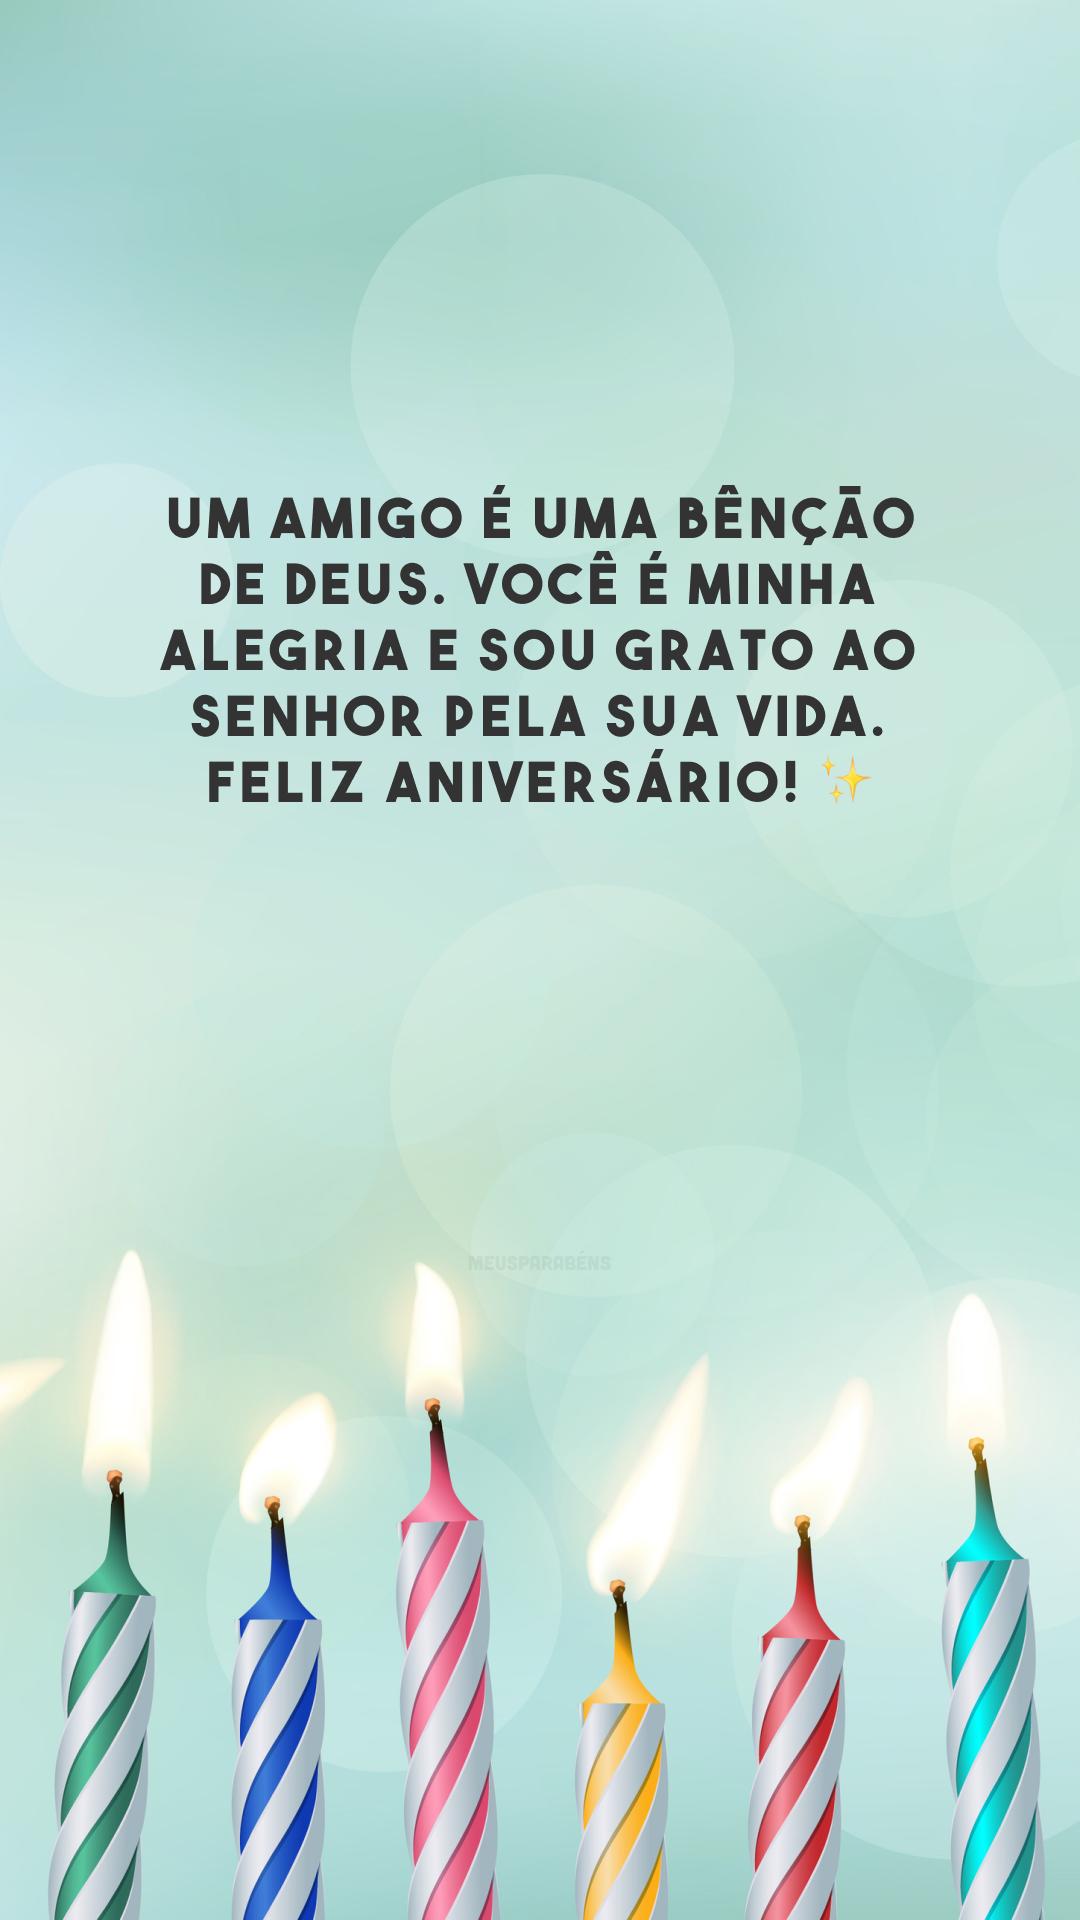 Um amigo é uma bênção de Deus. Você é minha alegria e sou grato ao Senhor pela sua vida. Feliz aniversário! ✨